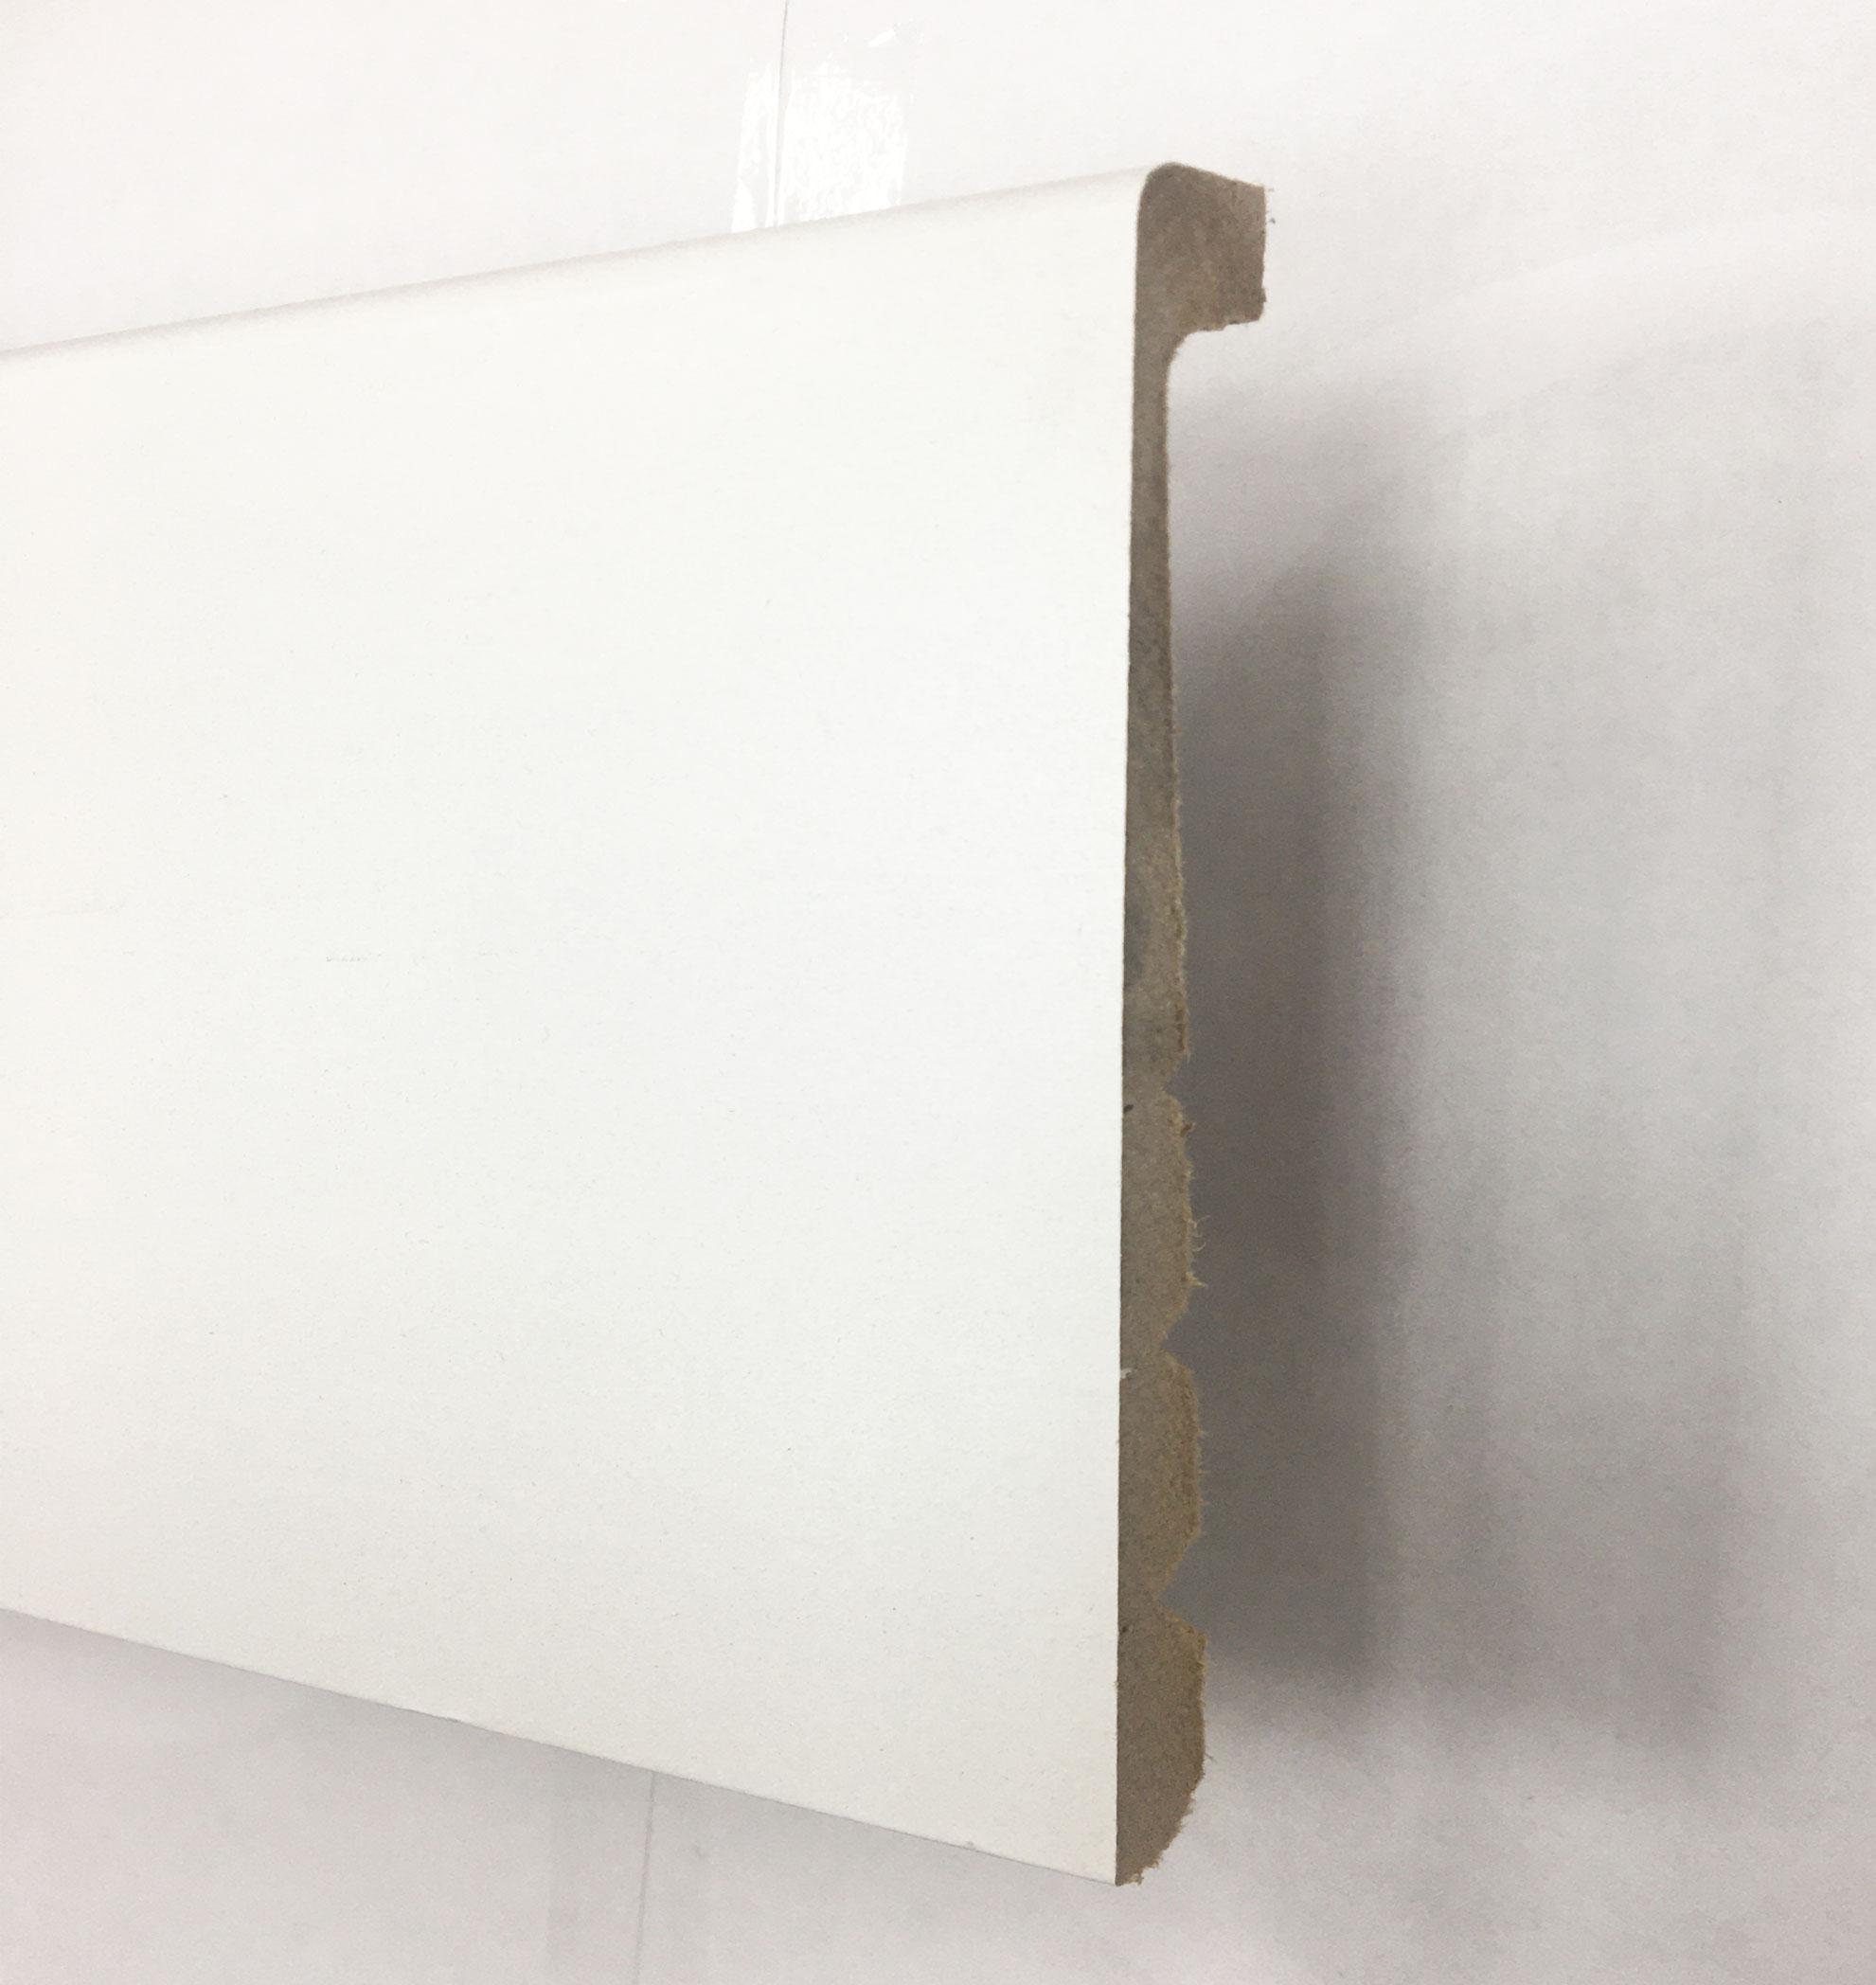 Plinthe de haute qualite - Surplinthe de renovation / cache plinthe / plinthe de recouvrement blanc satine a peindre 130x16x2200mm